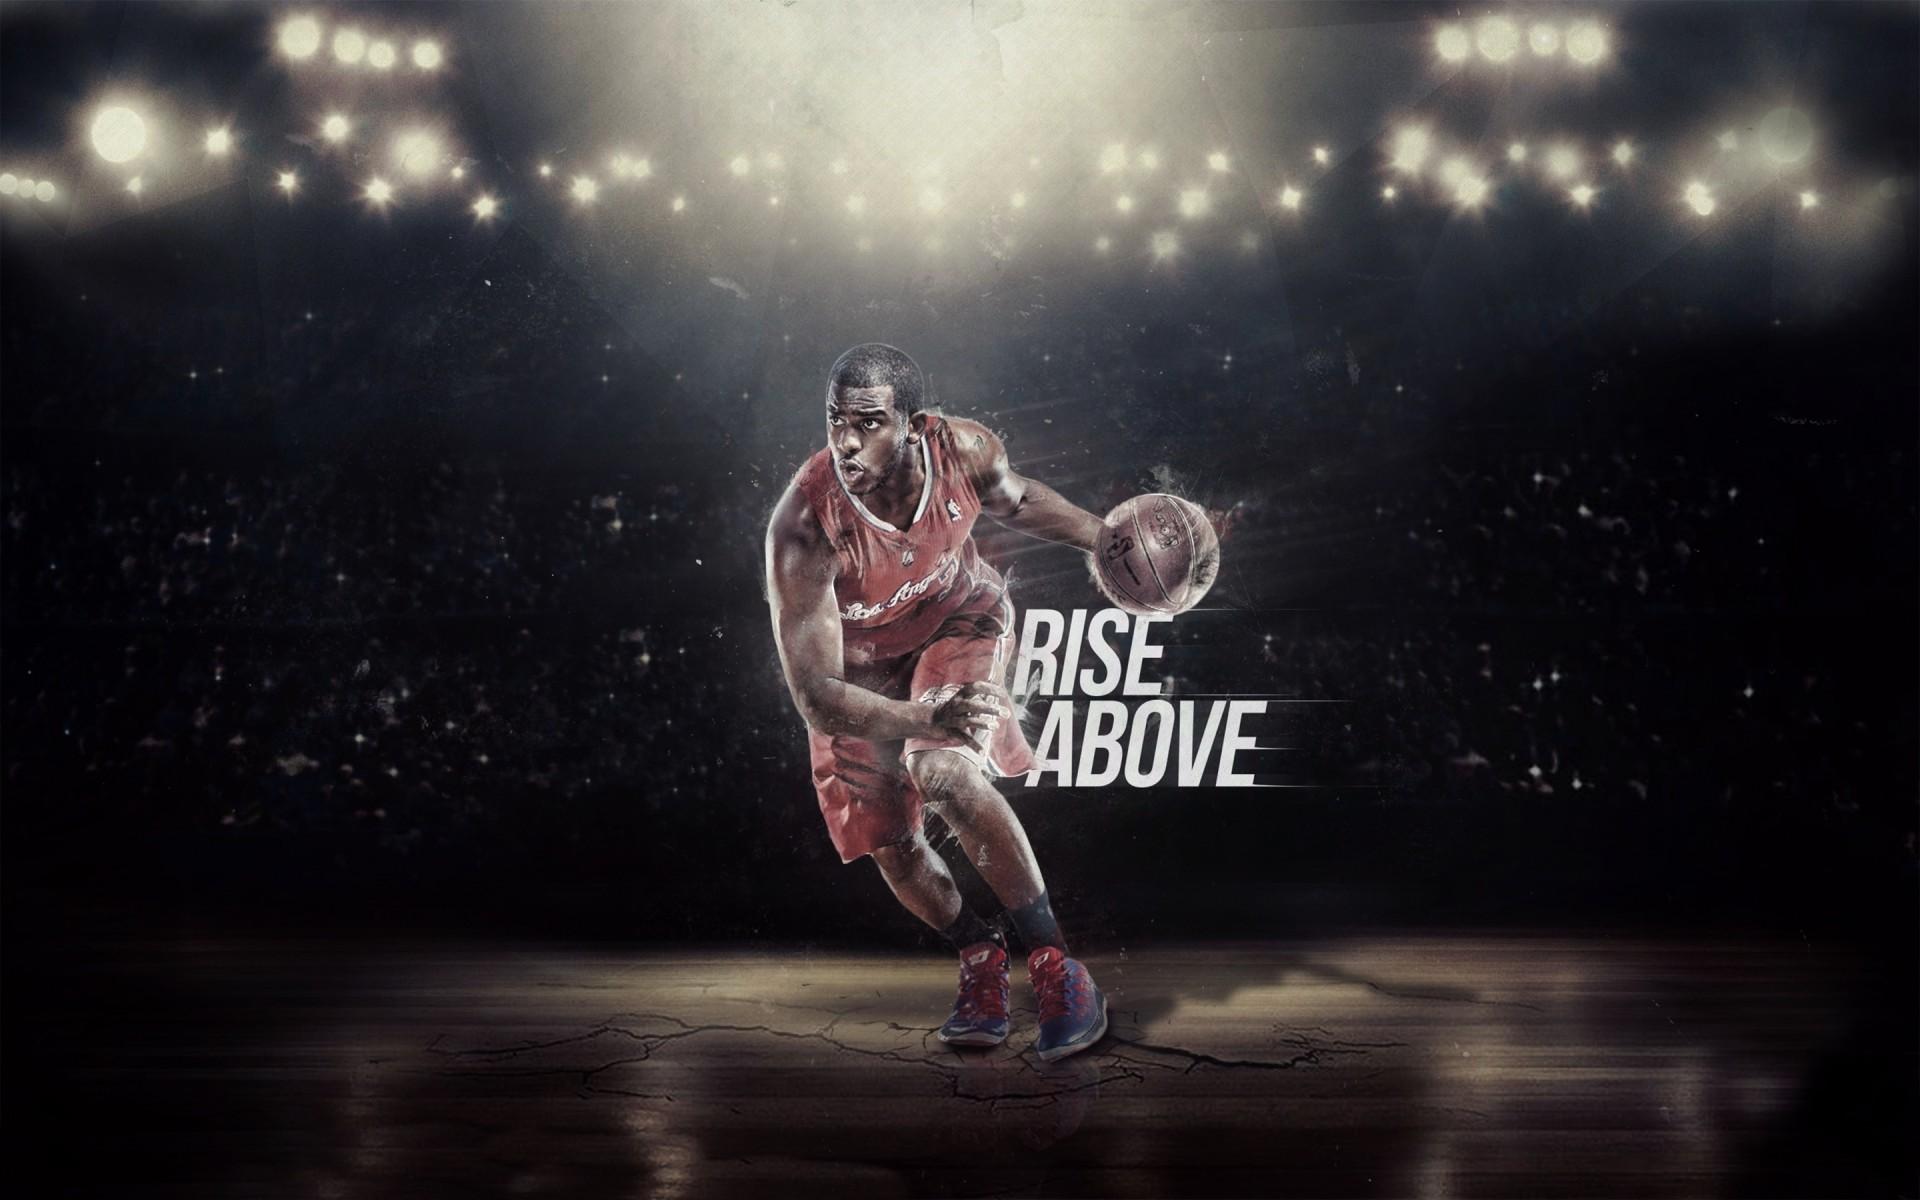 Kyrie Irving Wallpaper 2013 Hd Paul Rise Player Nba Basketball Wallpaper 1920x1200